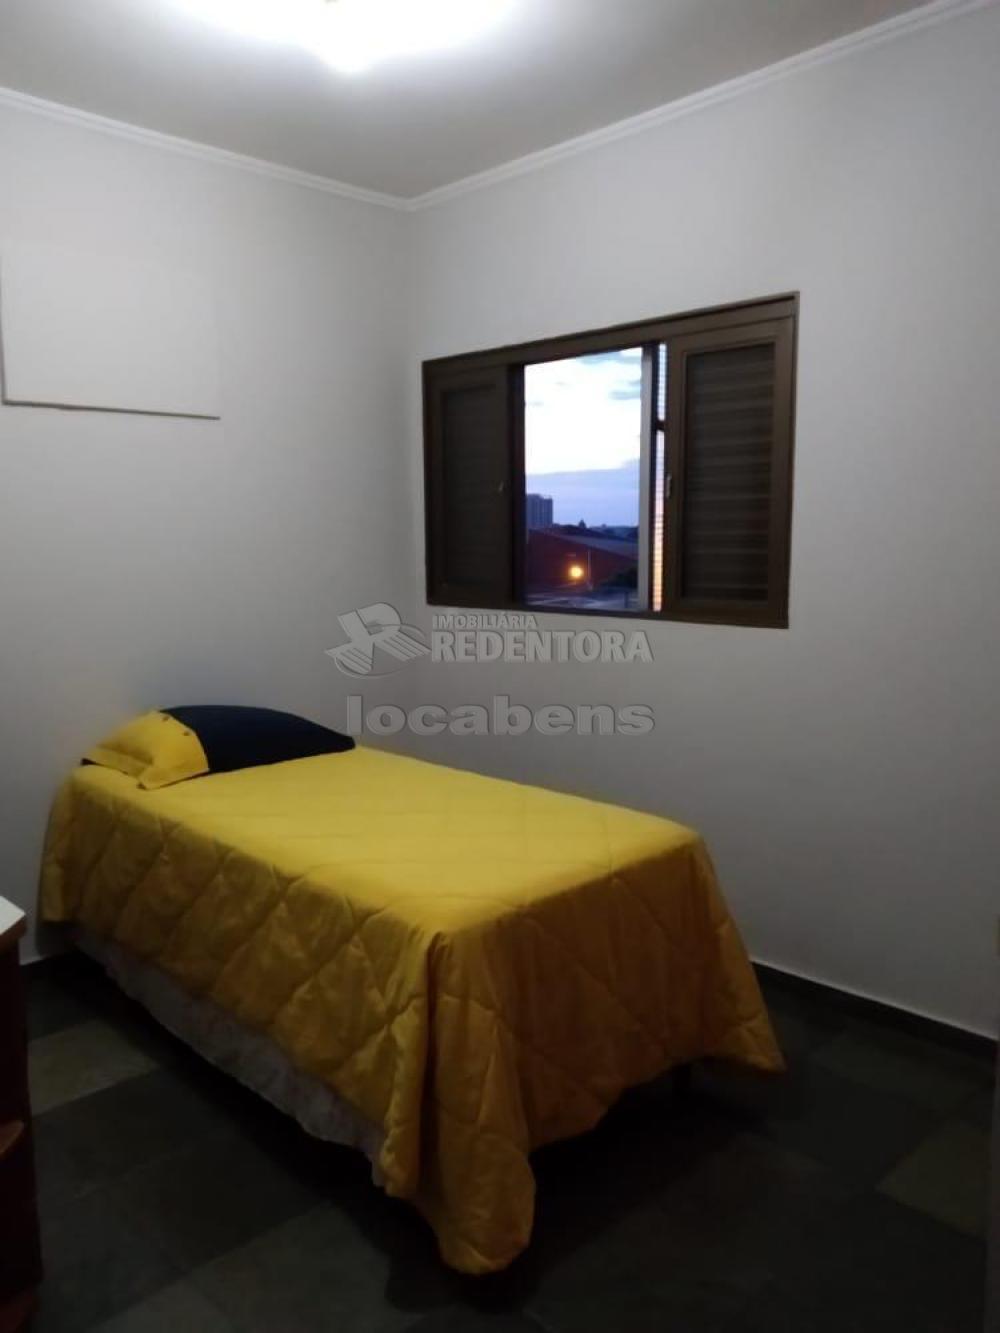 Comprar Apartamento / Padrão em São José do Rio Preto R$ 350.000,00 - Foto 15